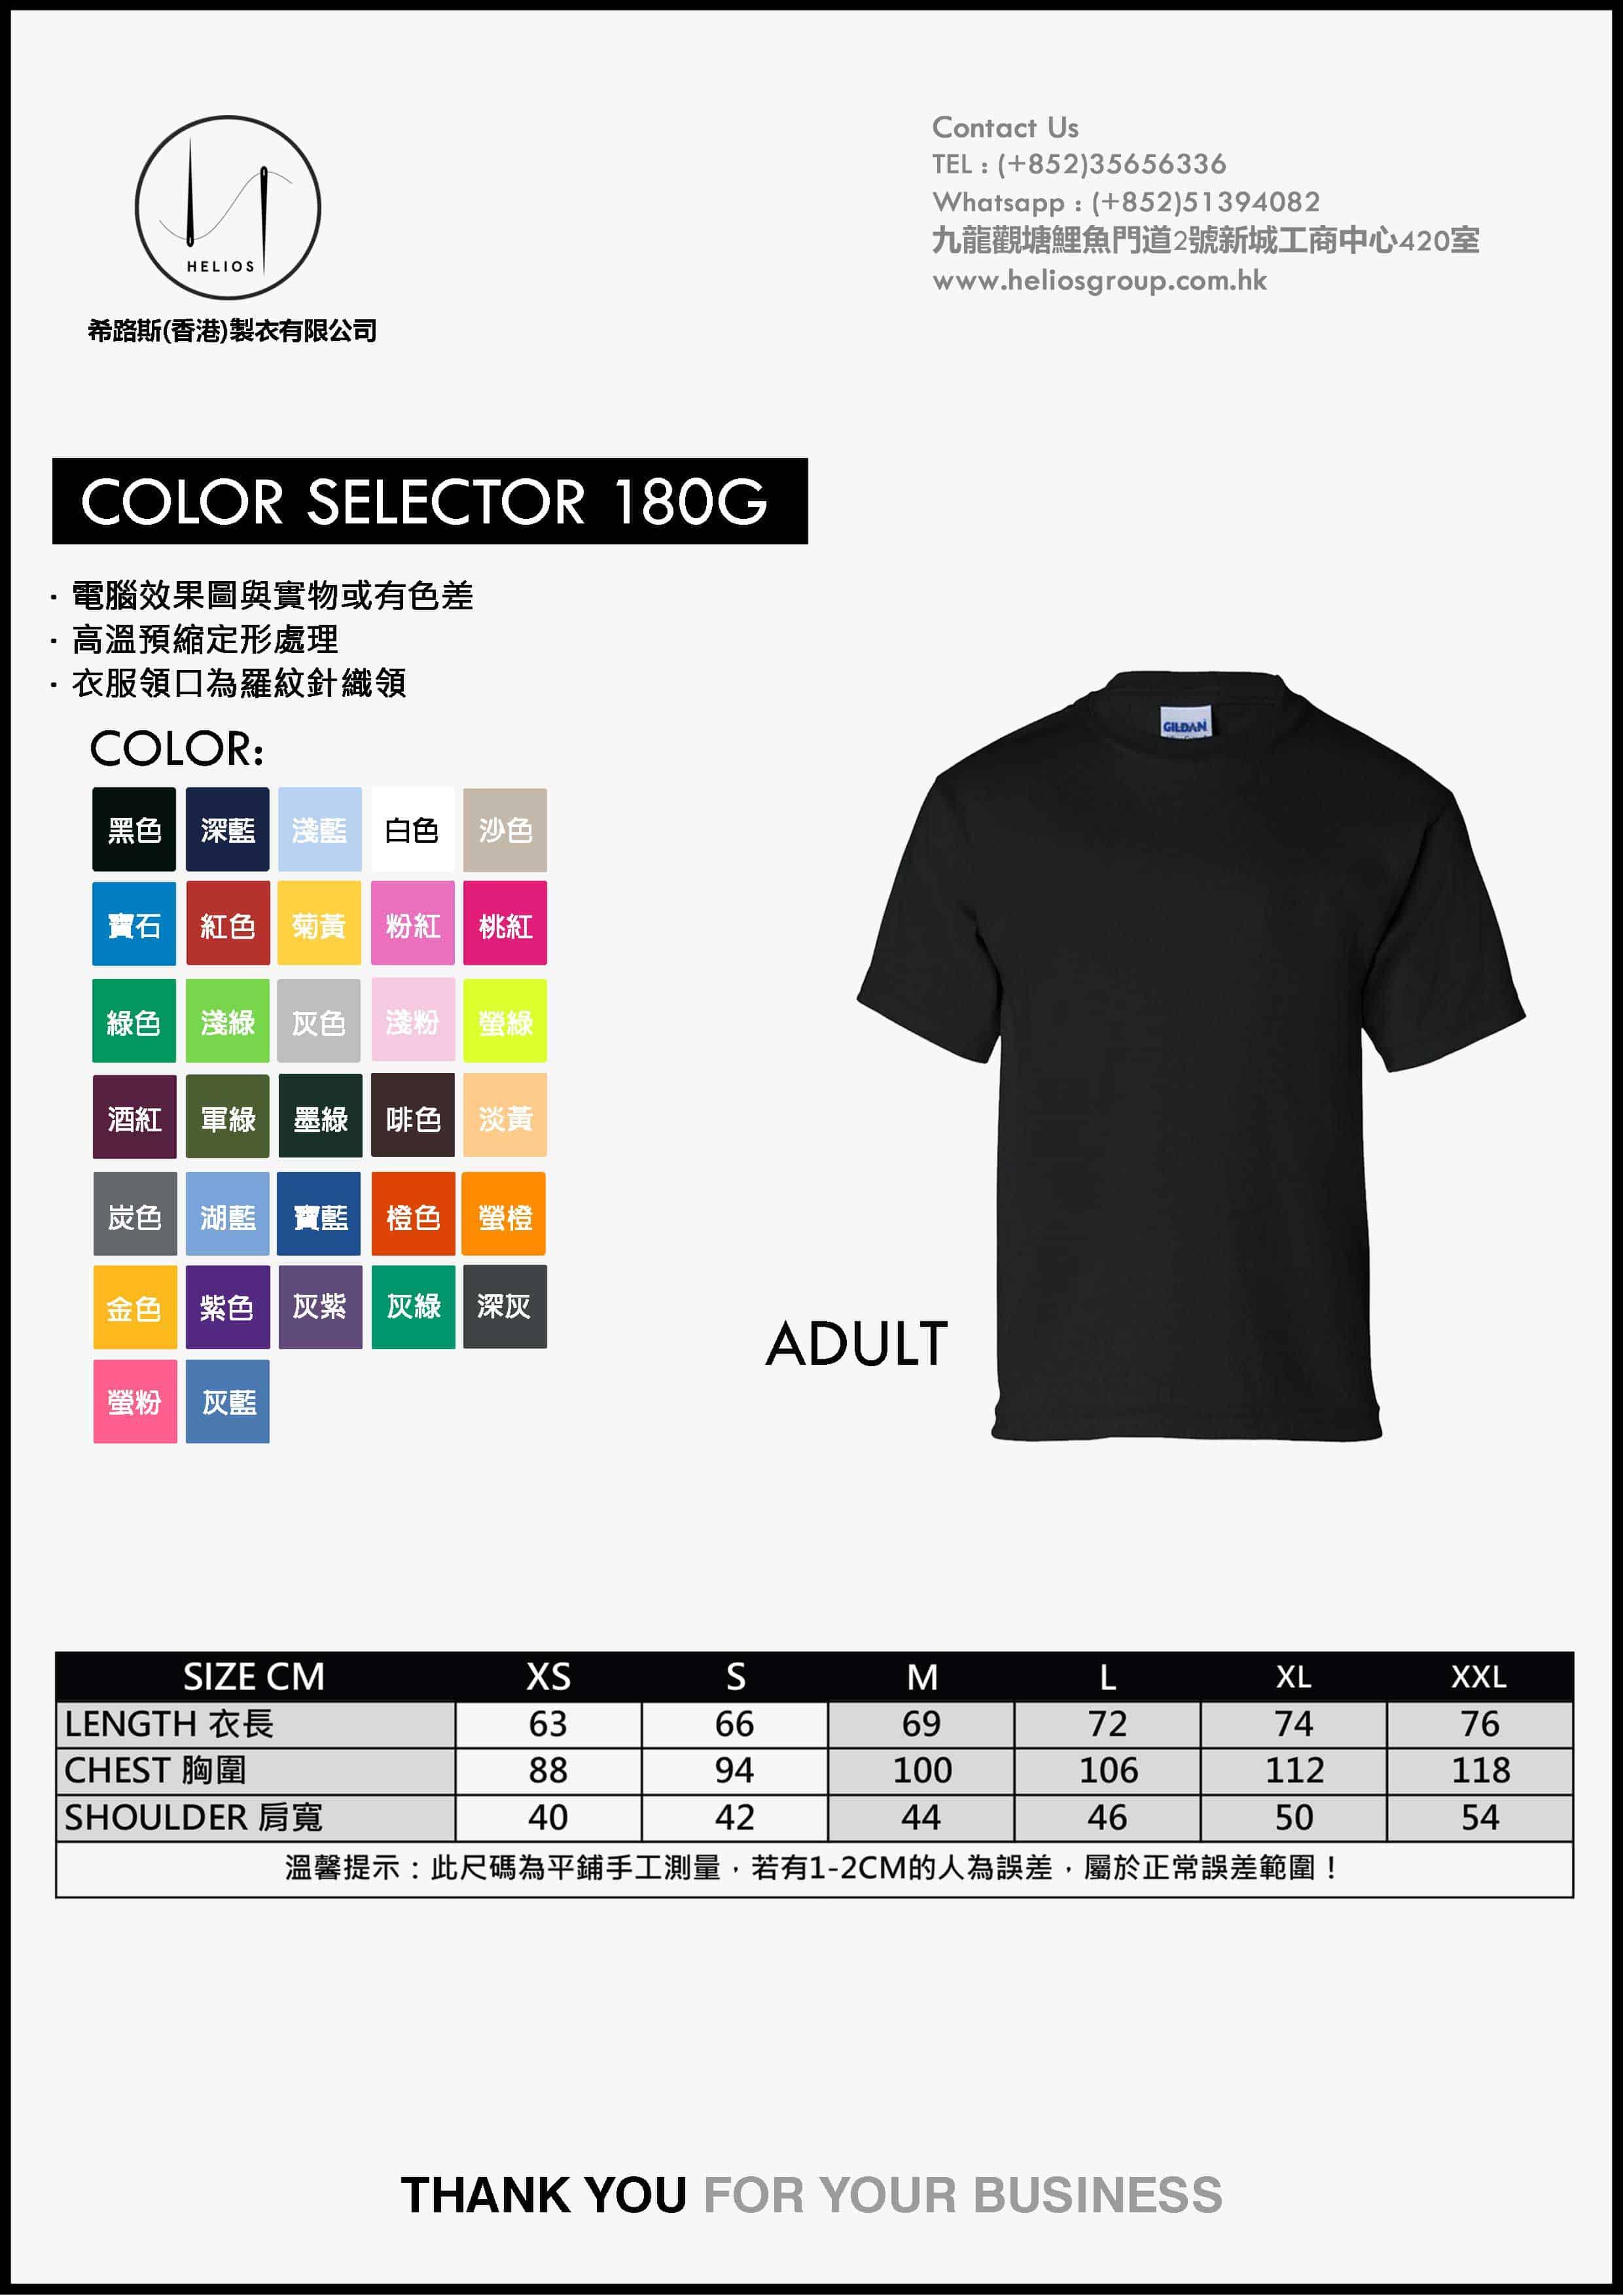 成衣 T-shirt180G 尺碼表